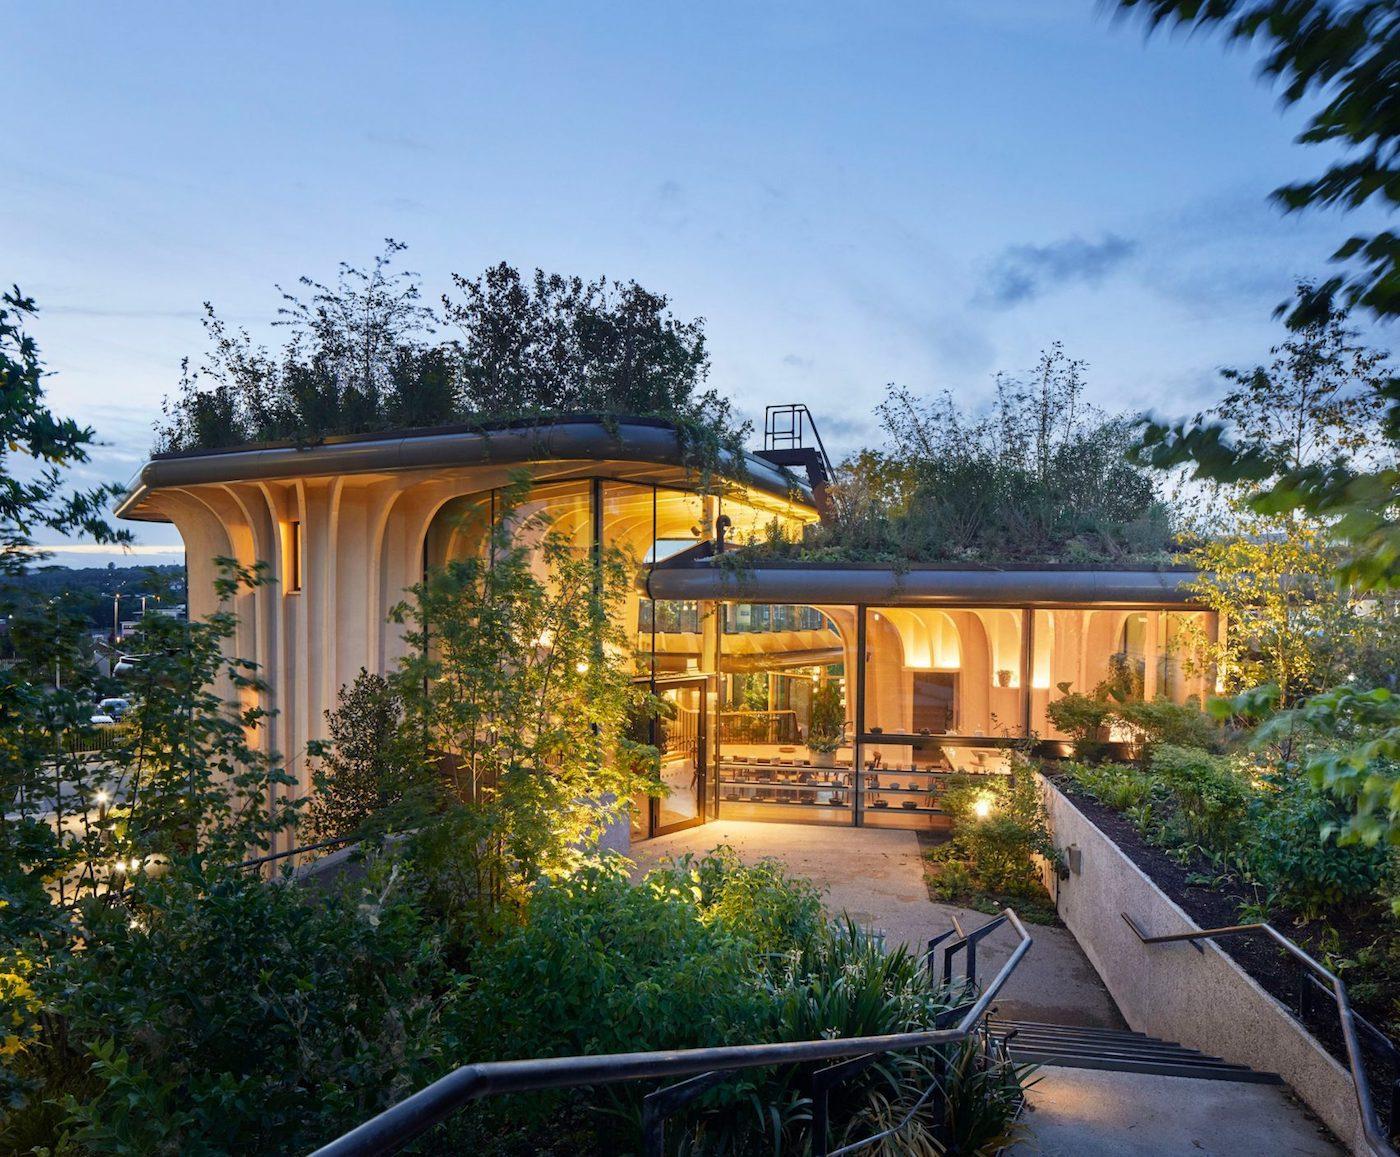 Eco Edition_Heatherwick Studio_Maggie's Leeds_Architecture interiors 14-min